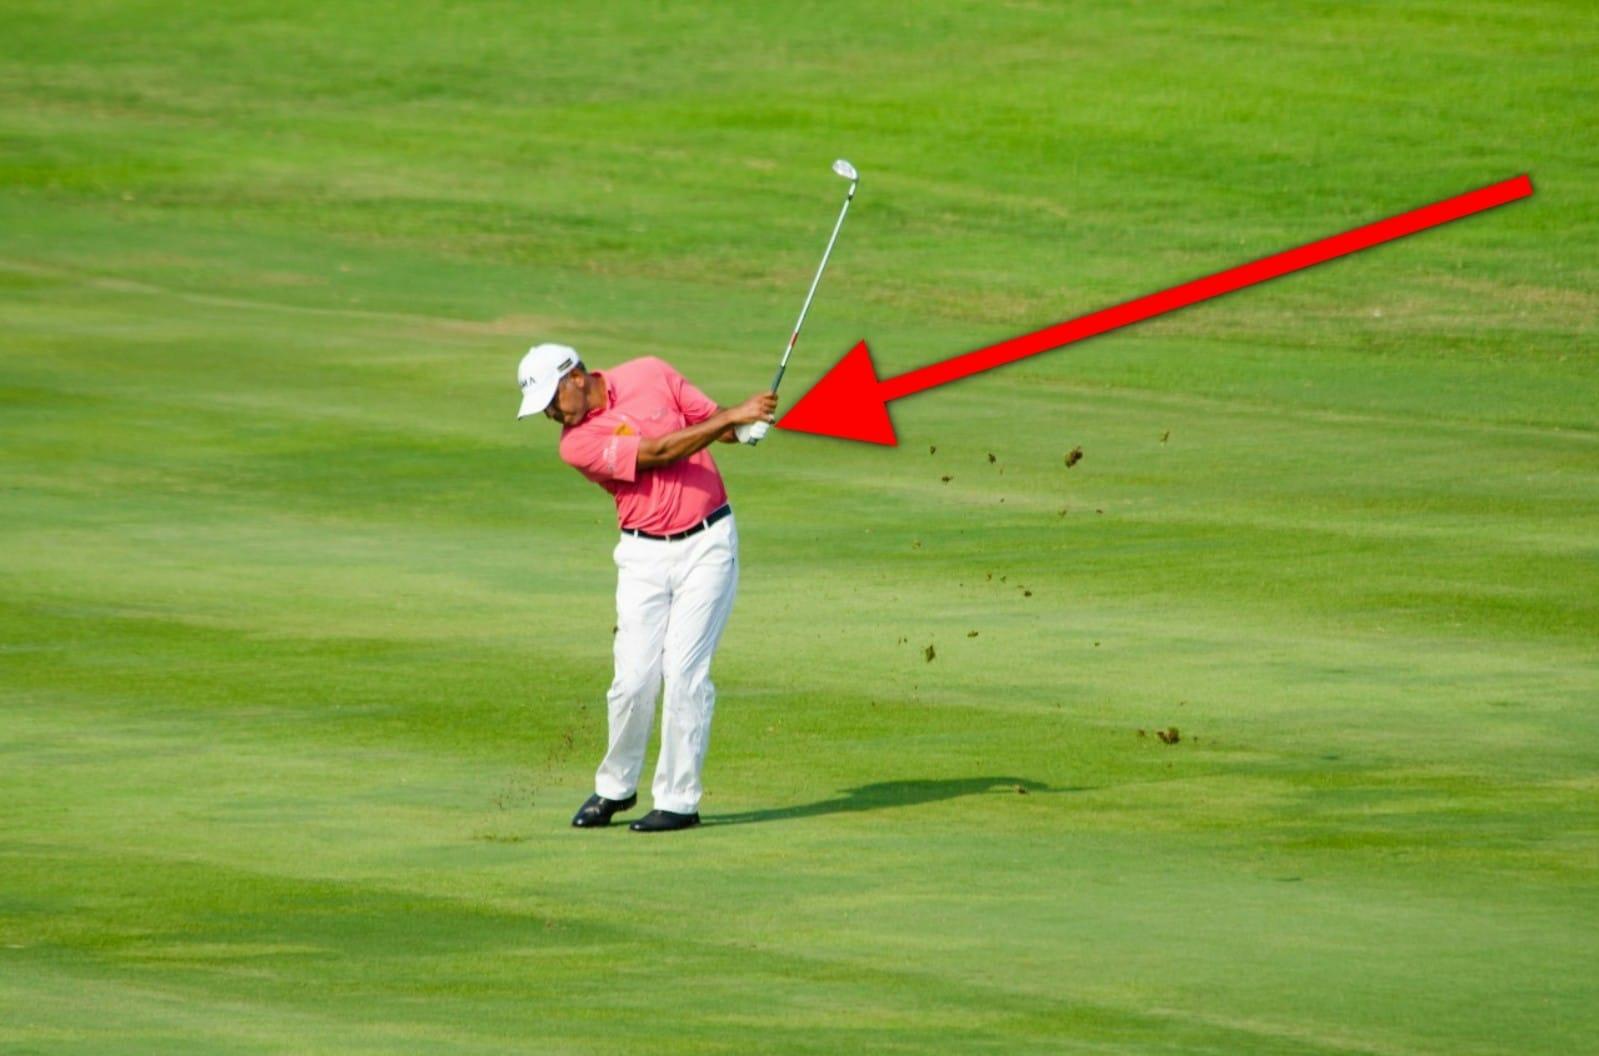 why do golfers wear one glove